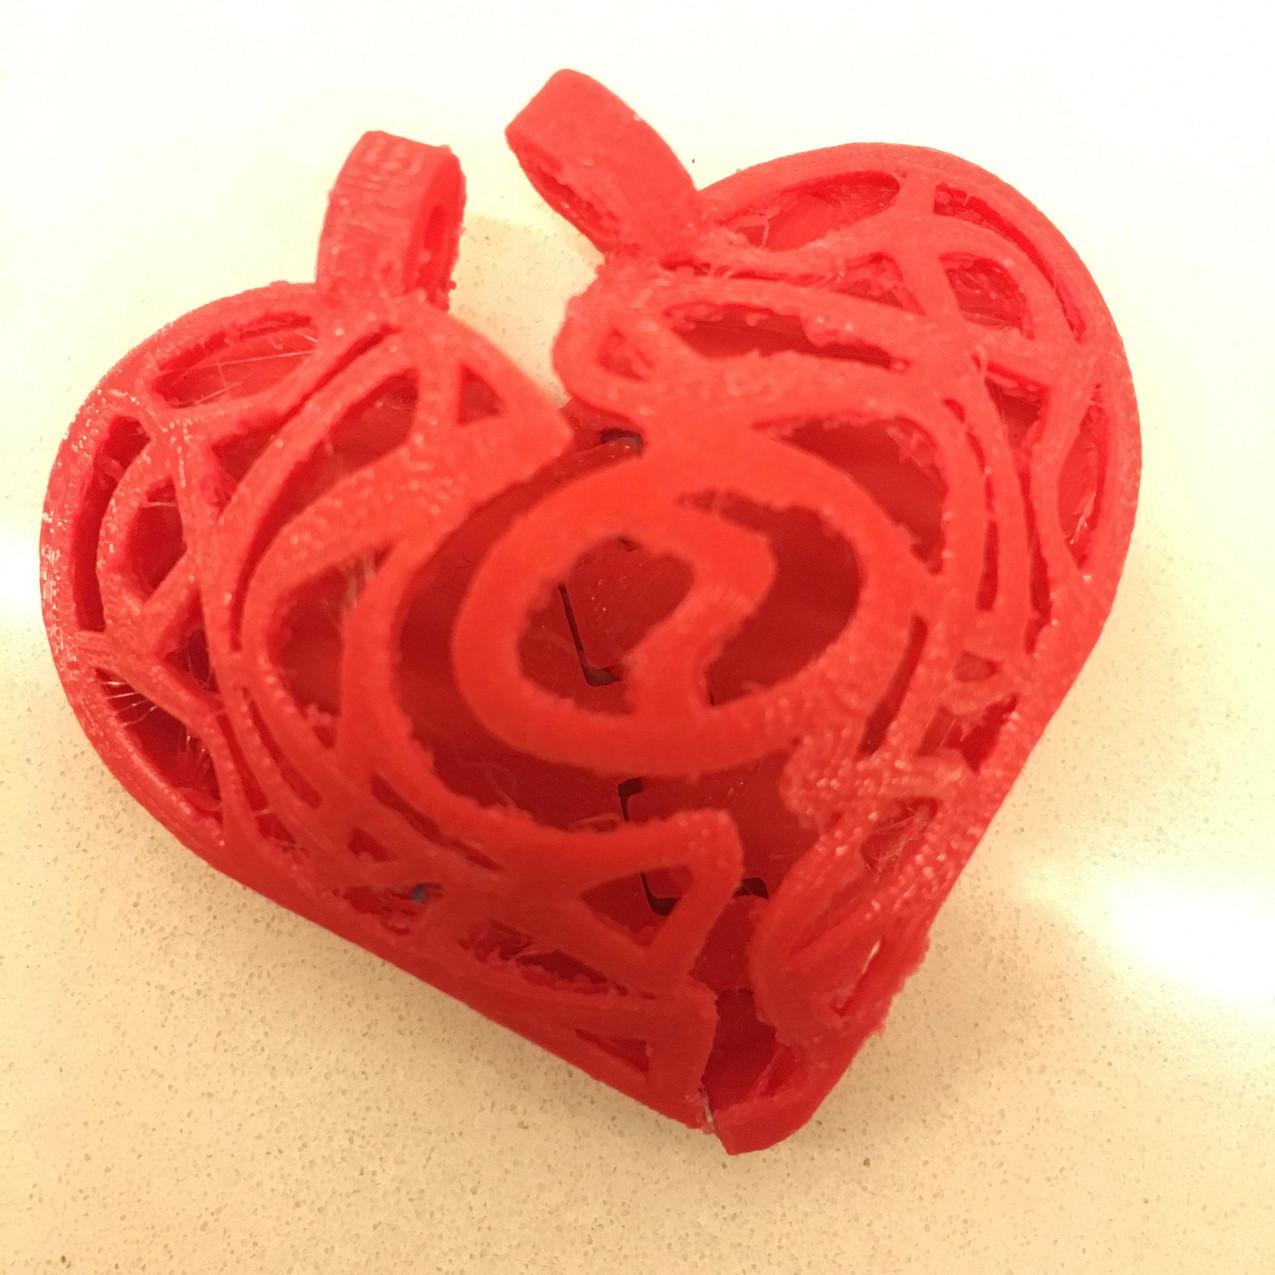 3dprint-heart